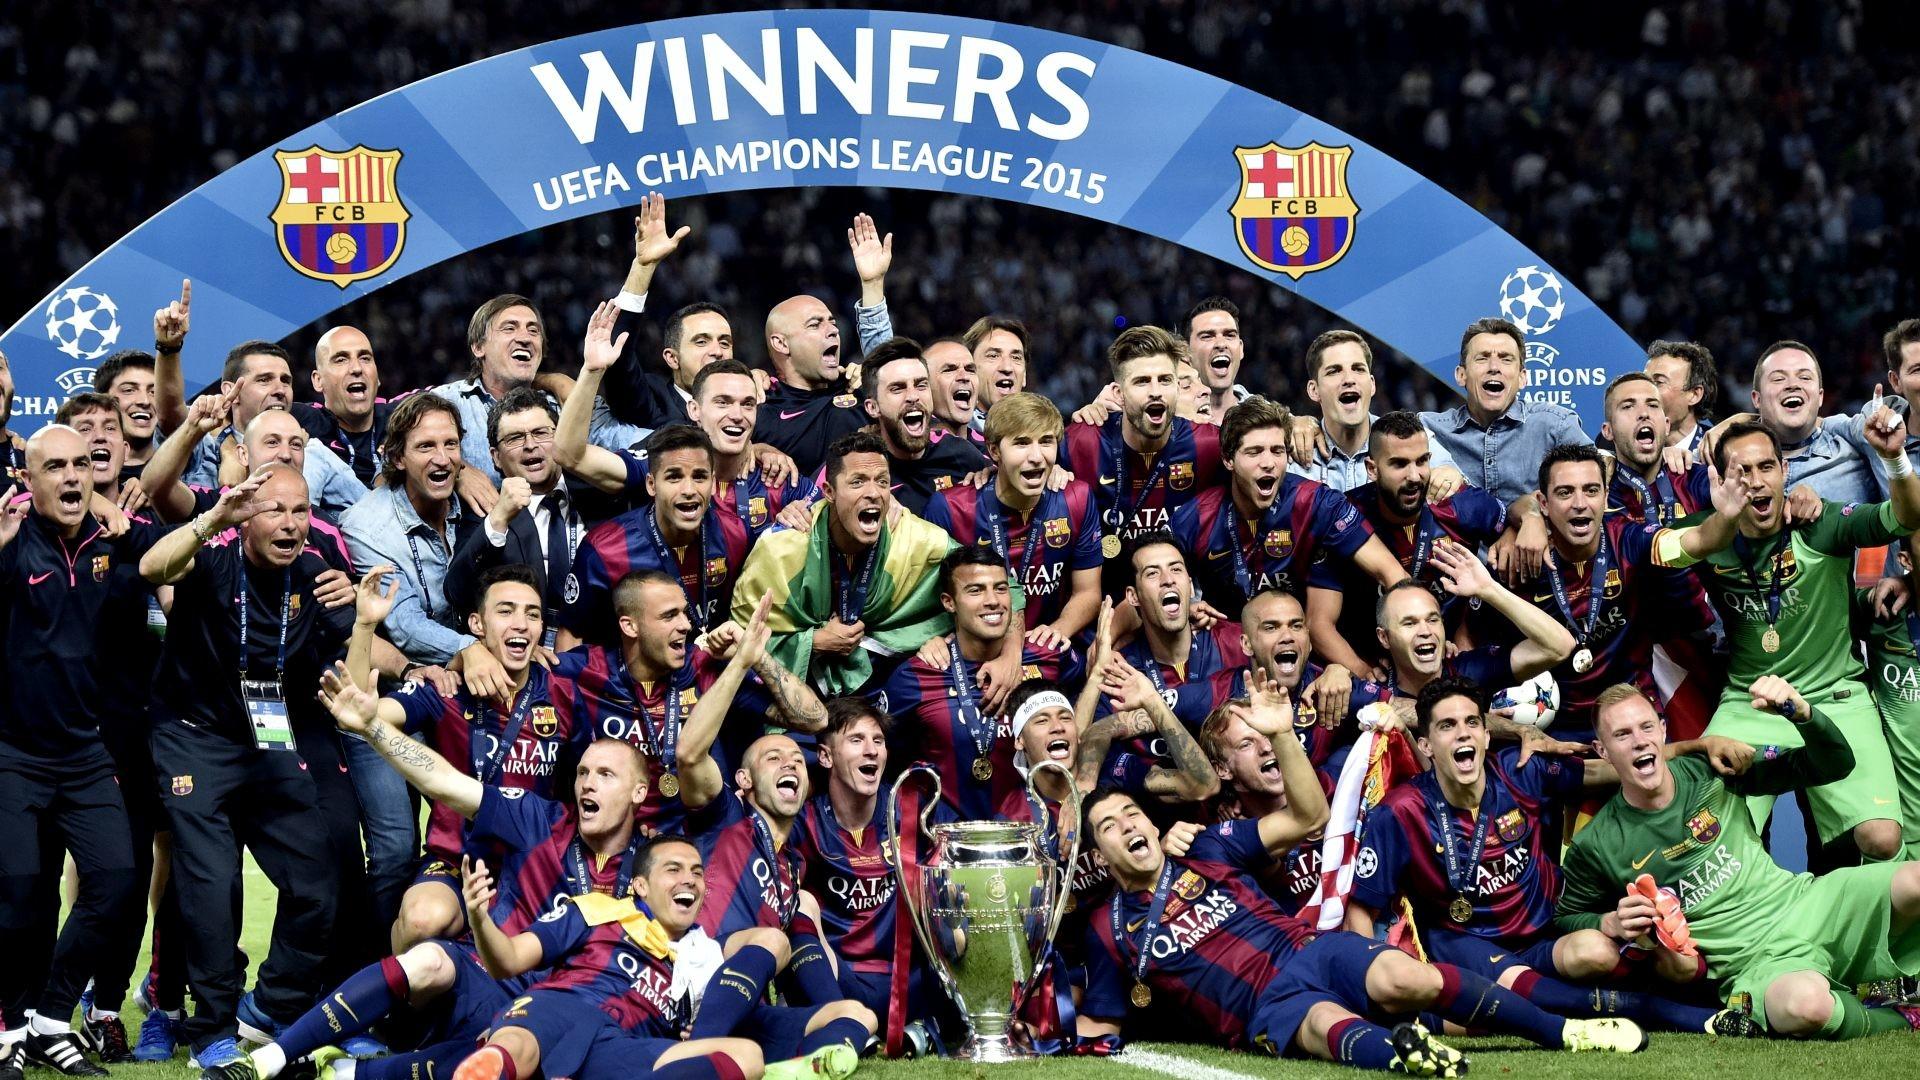 Uefa Champions League Wallpaper (73+ images)